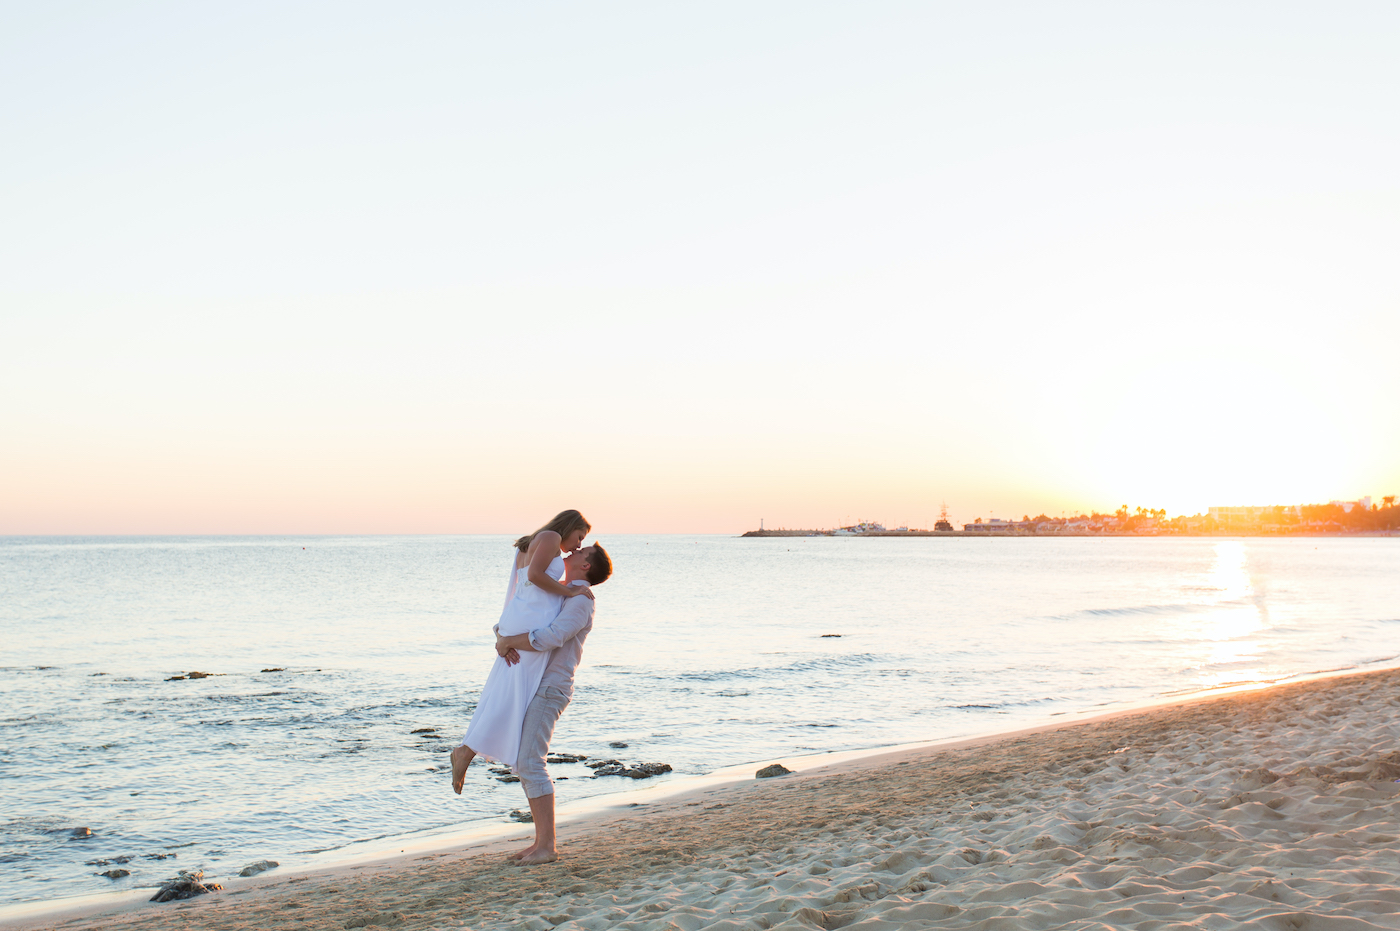 Ein Mann hebt eine Frau hoch an einem Strand mit Meer im Hintergrund